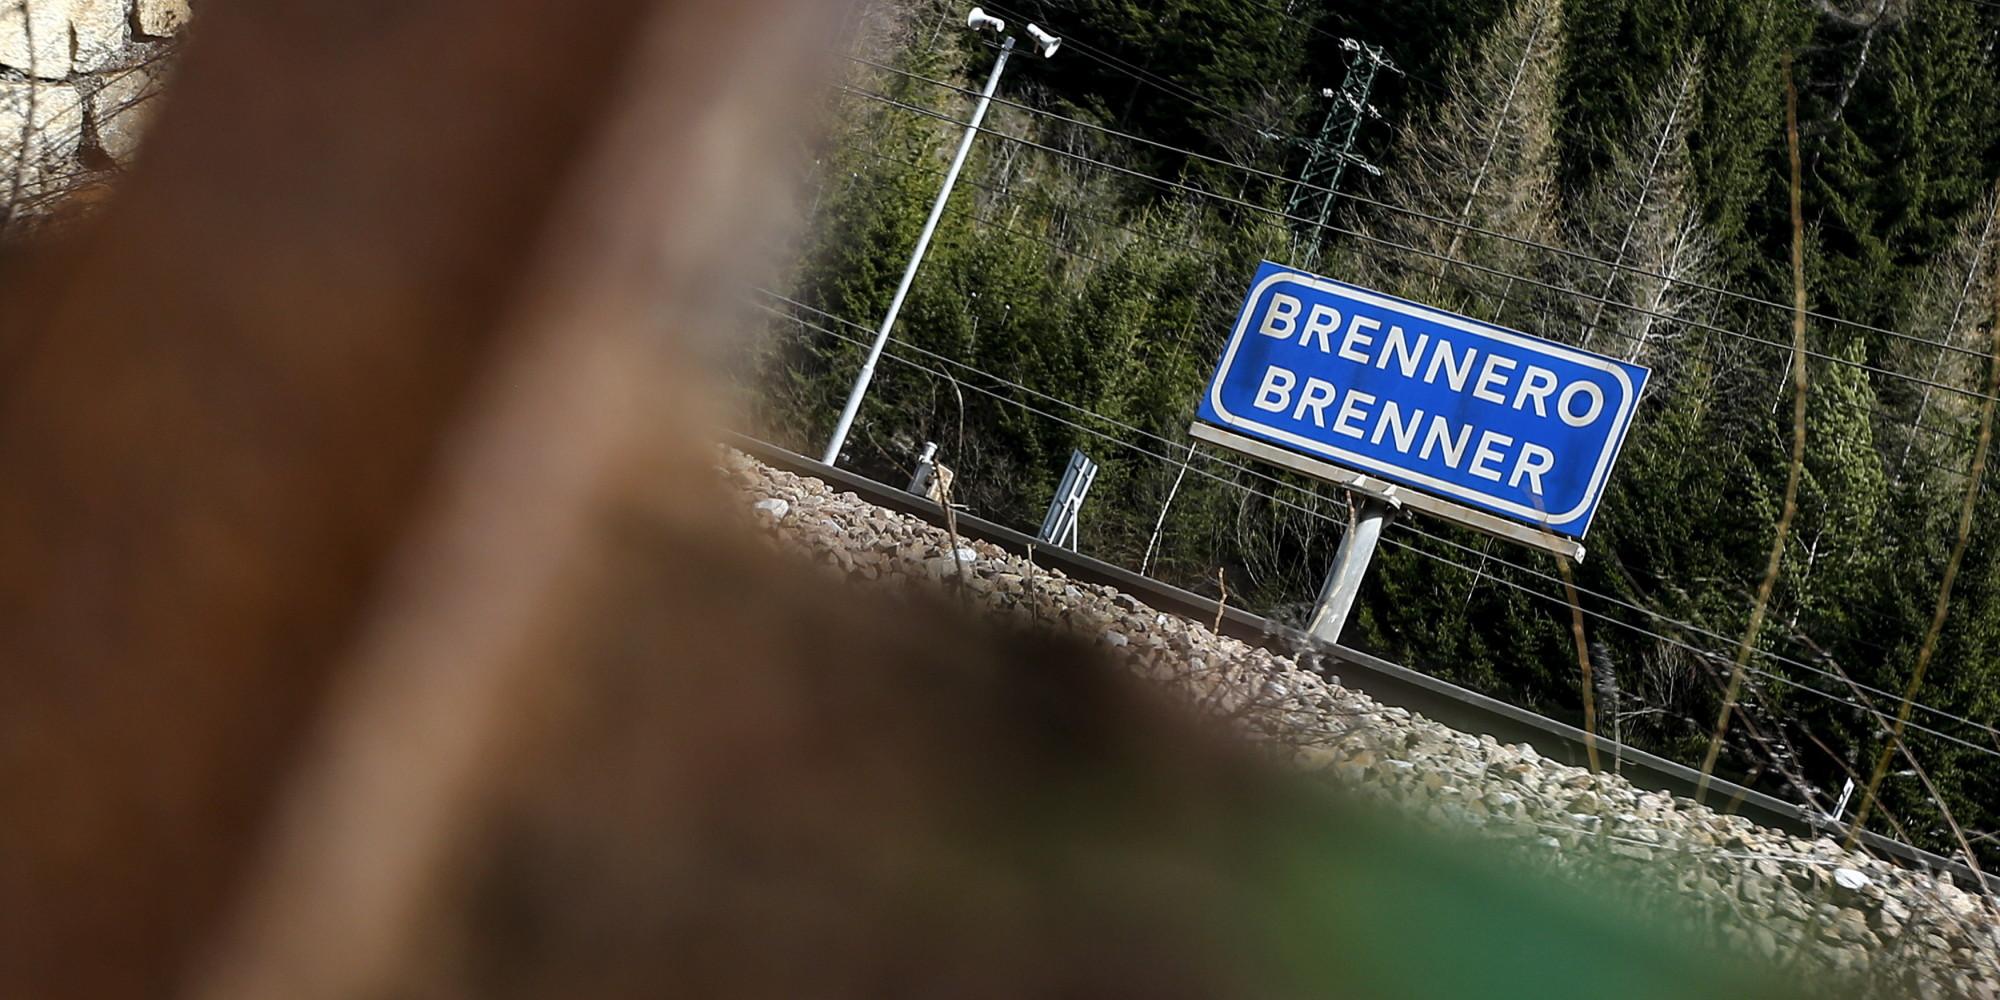 -sterreich-Grenzkontrollen-am-Brenner-zeitnah-m-glich-wegen-der-Fl-chtlingskrise-in-Italien